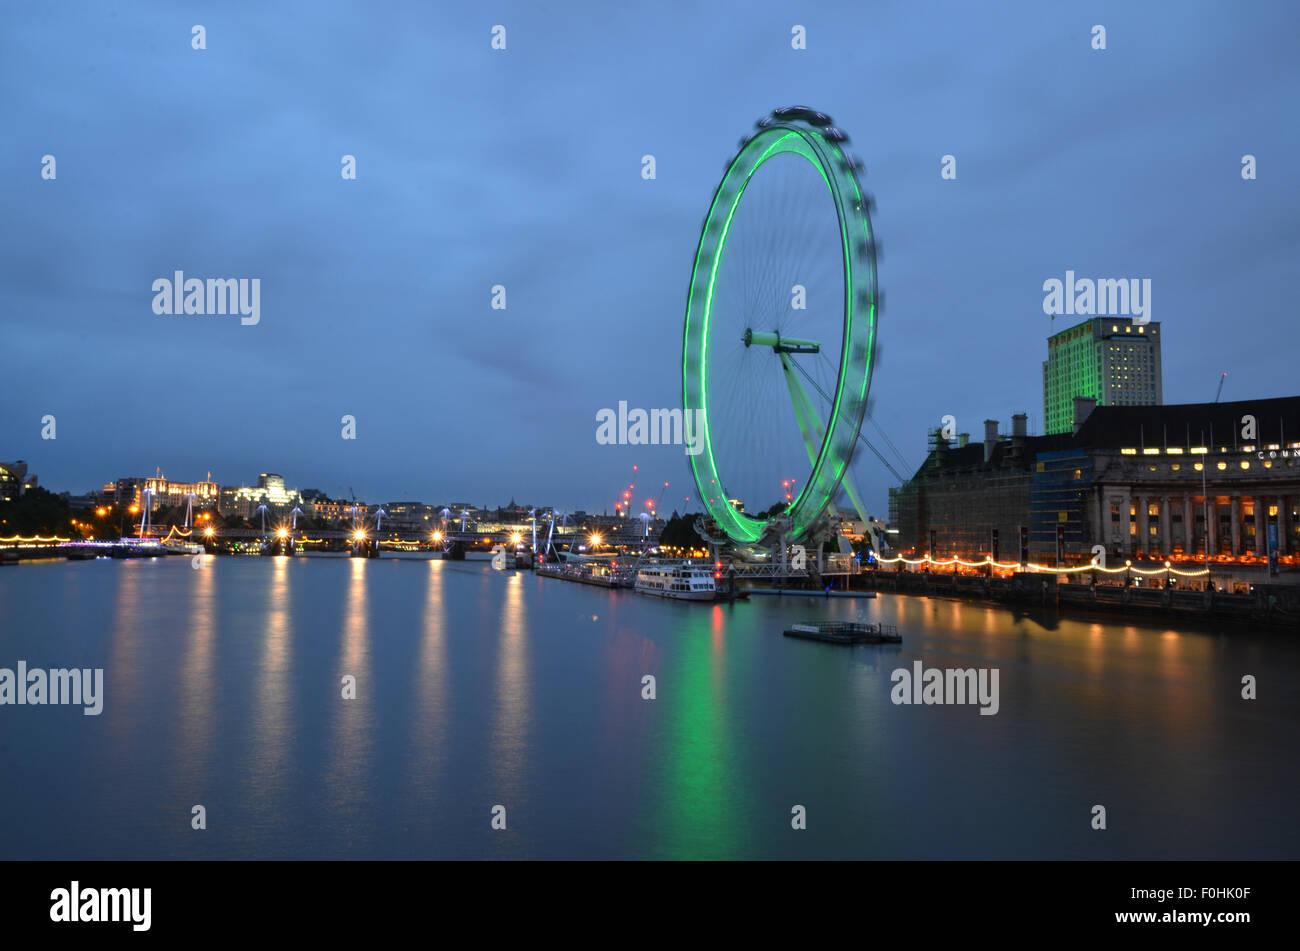 The London Eye, London, United Kingdom - Stock Image